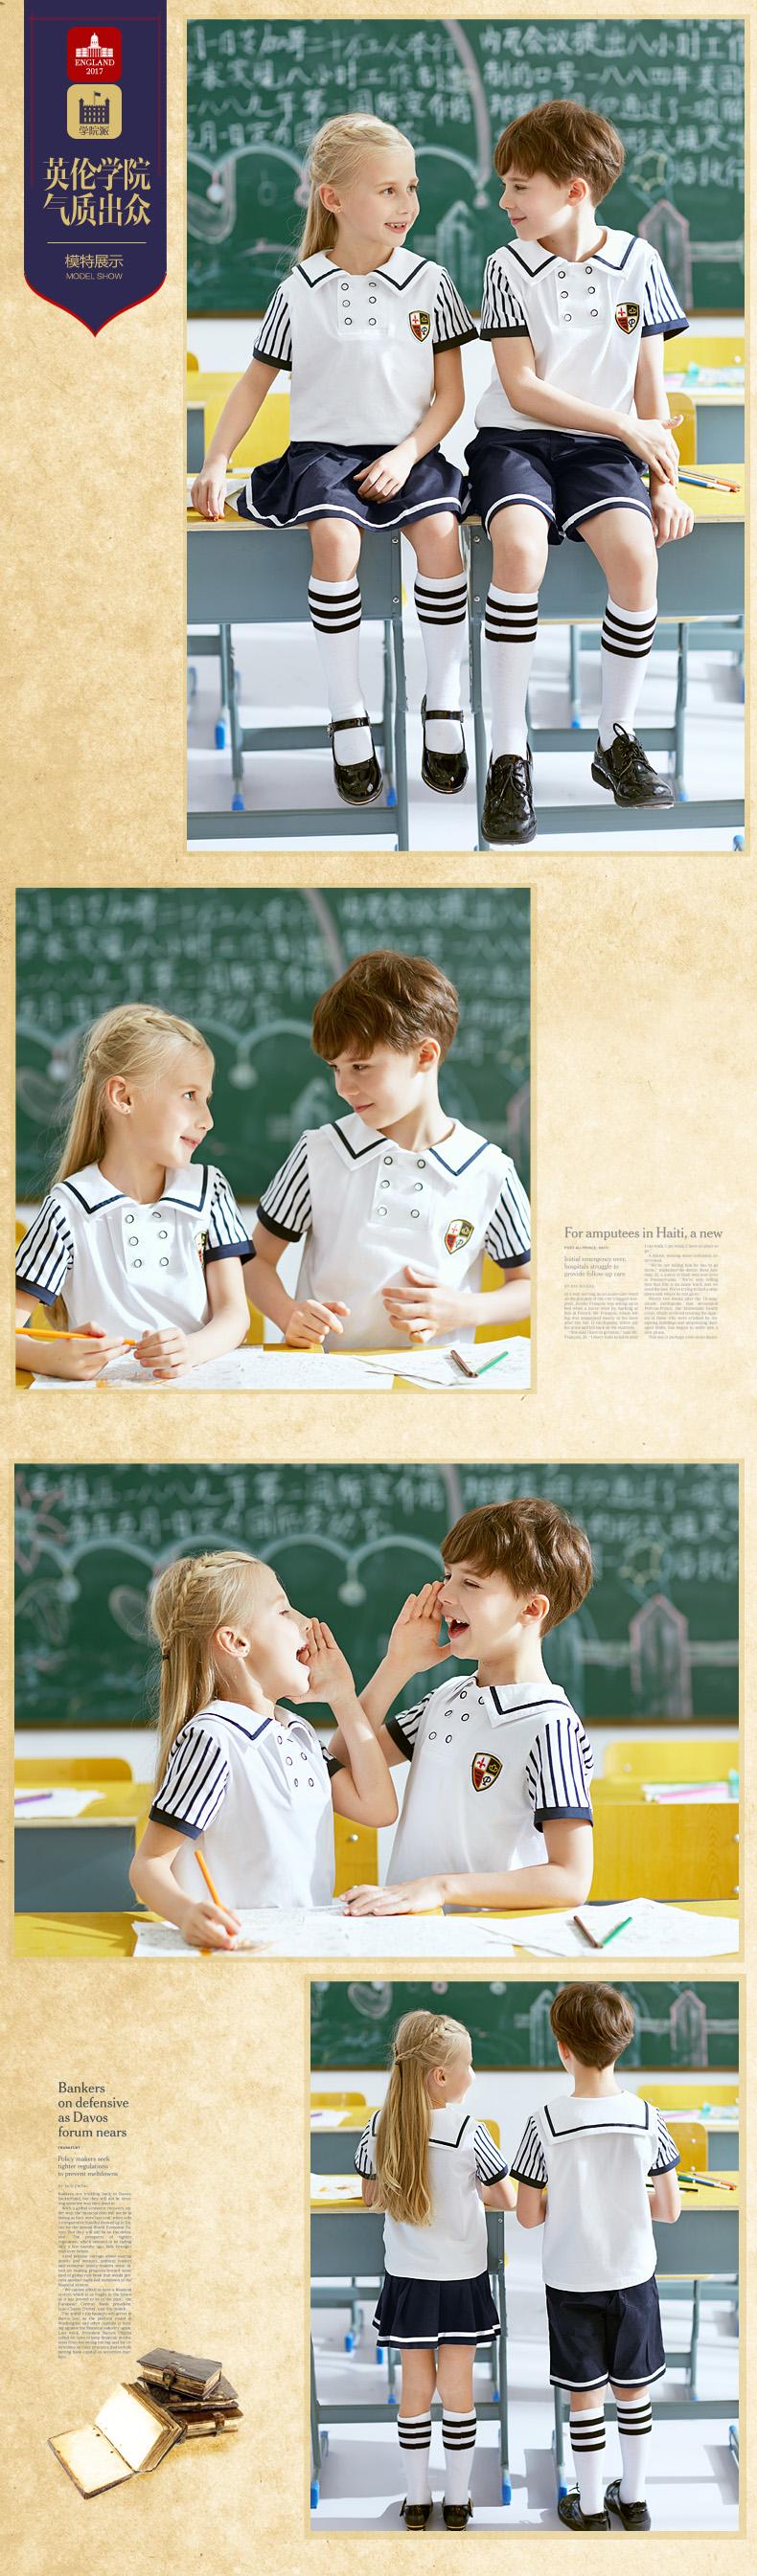 校服-模特展示1.jpg